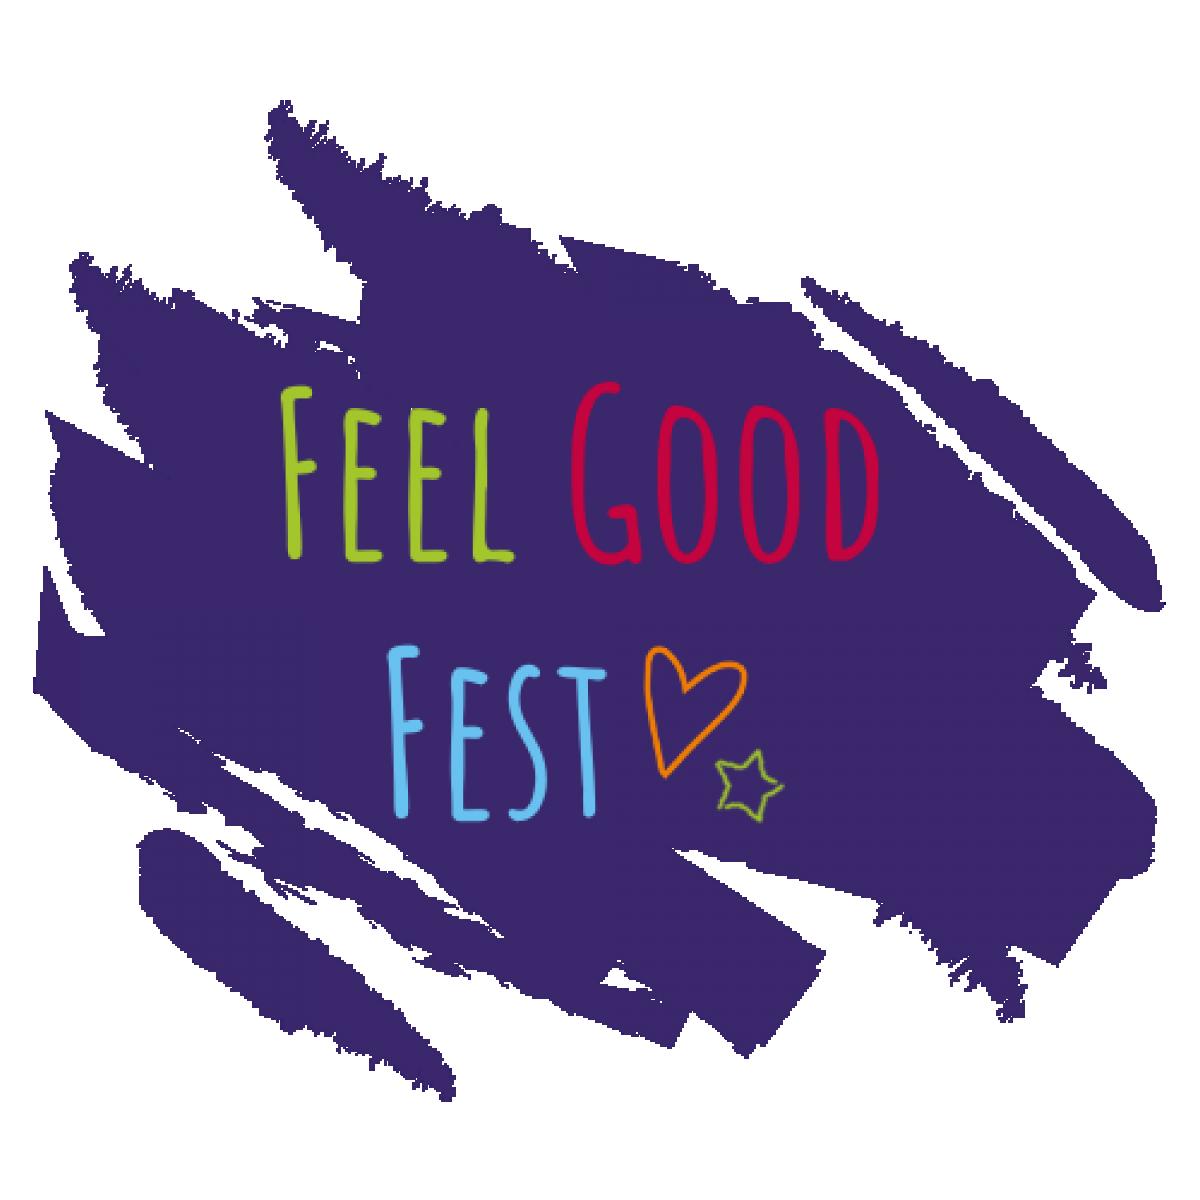 Feel Fest Fest Logo